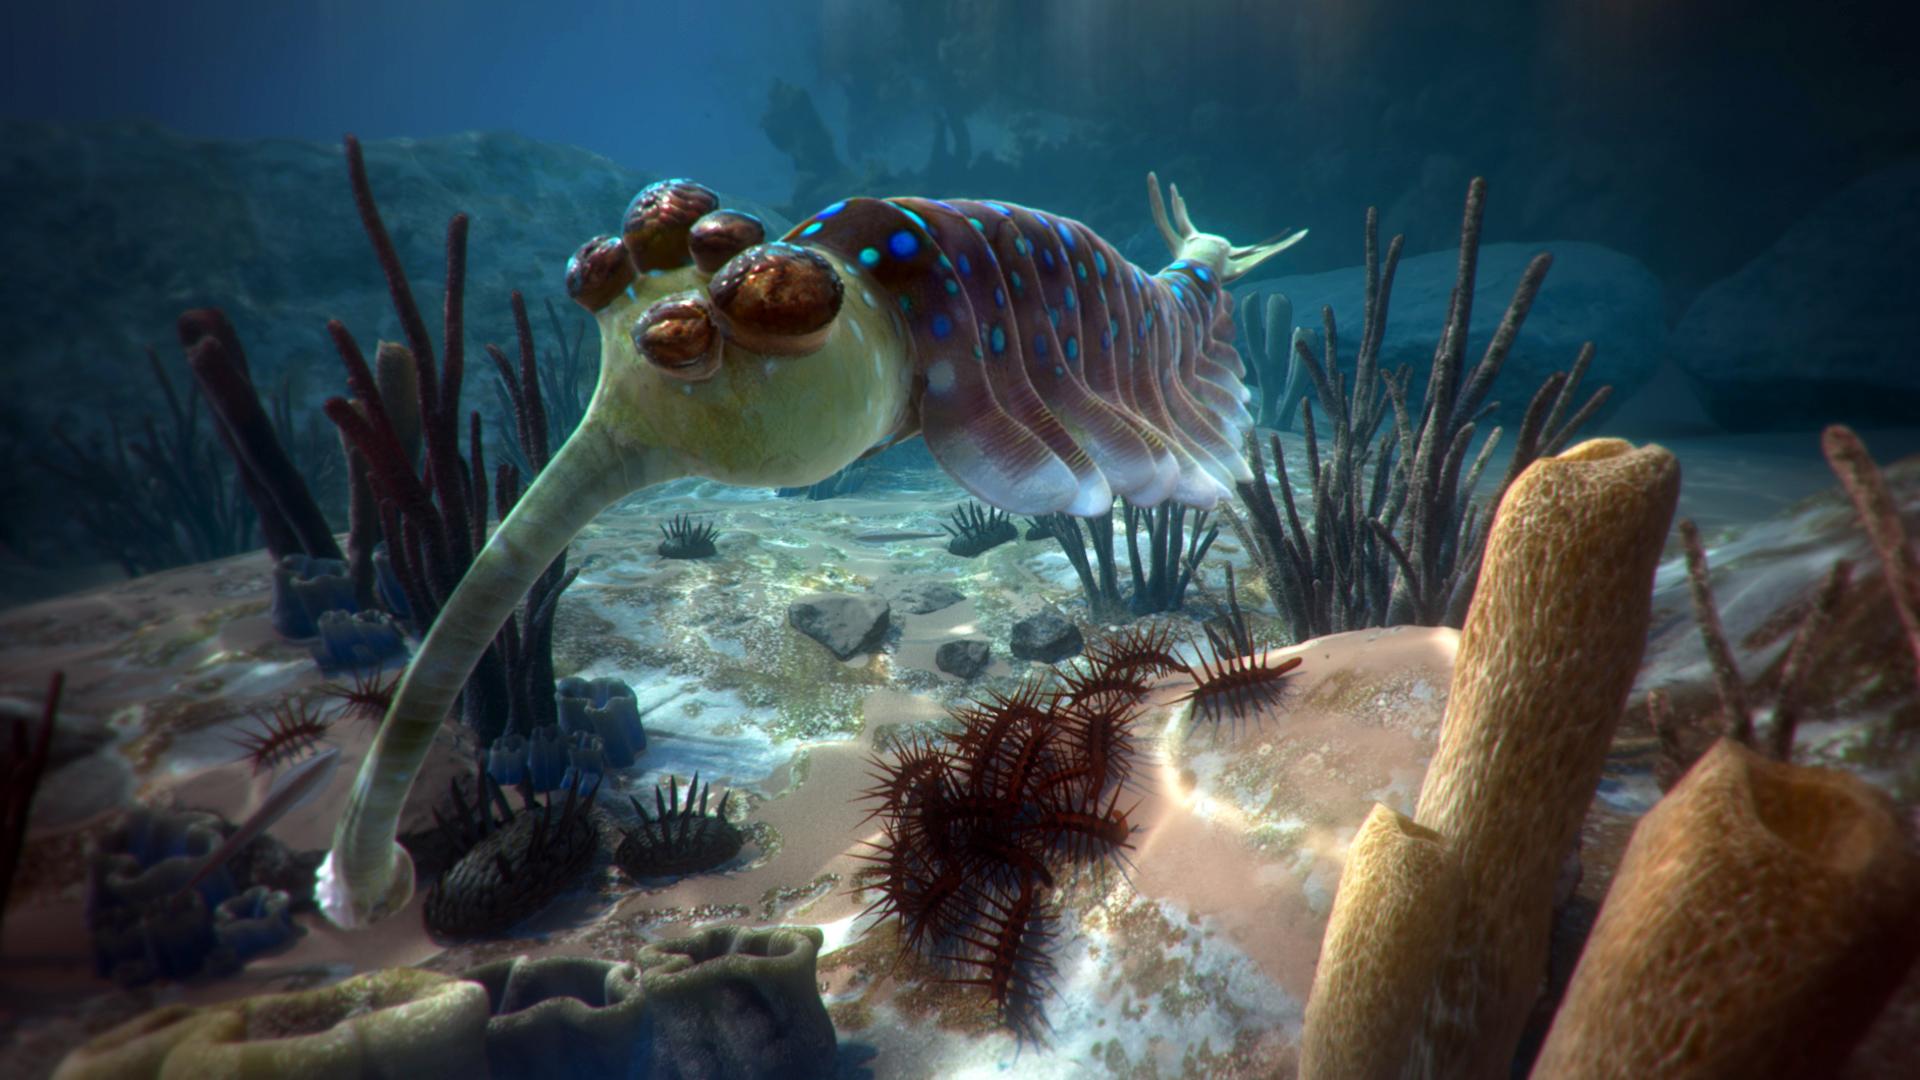 Sumérgete en las profundidades del océano con las experiencias de realidad virtual de Alchemy VR, disponible desde hoy para PlayStation VR